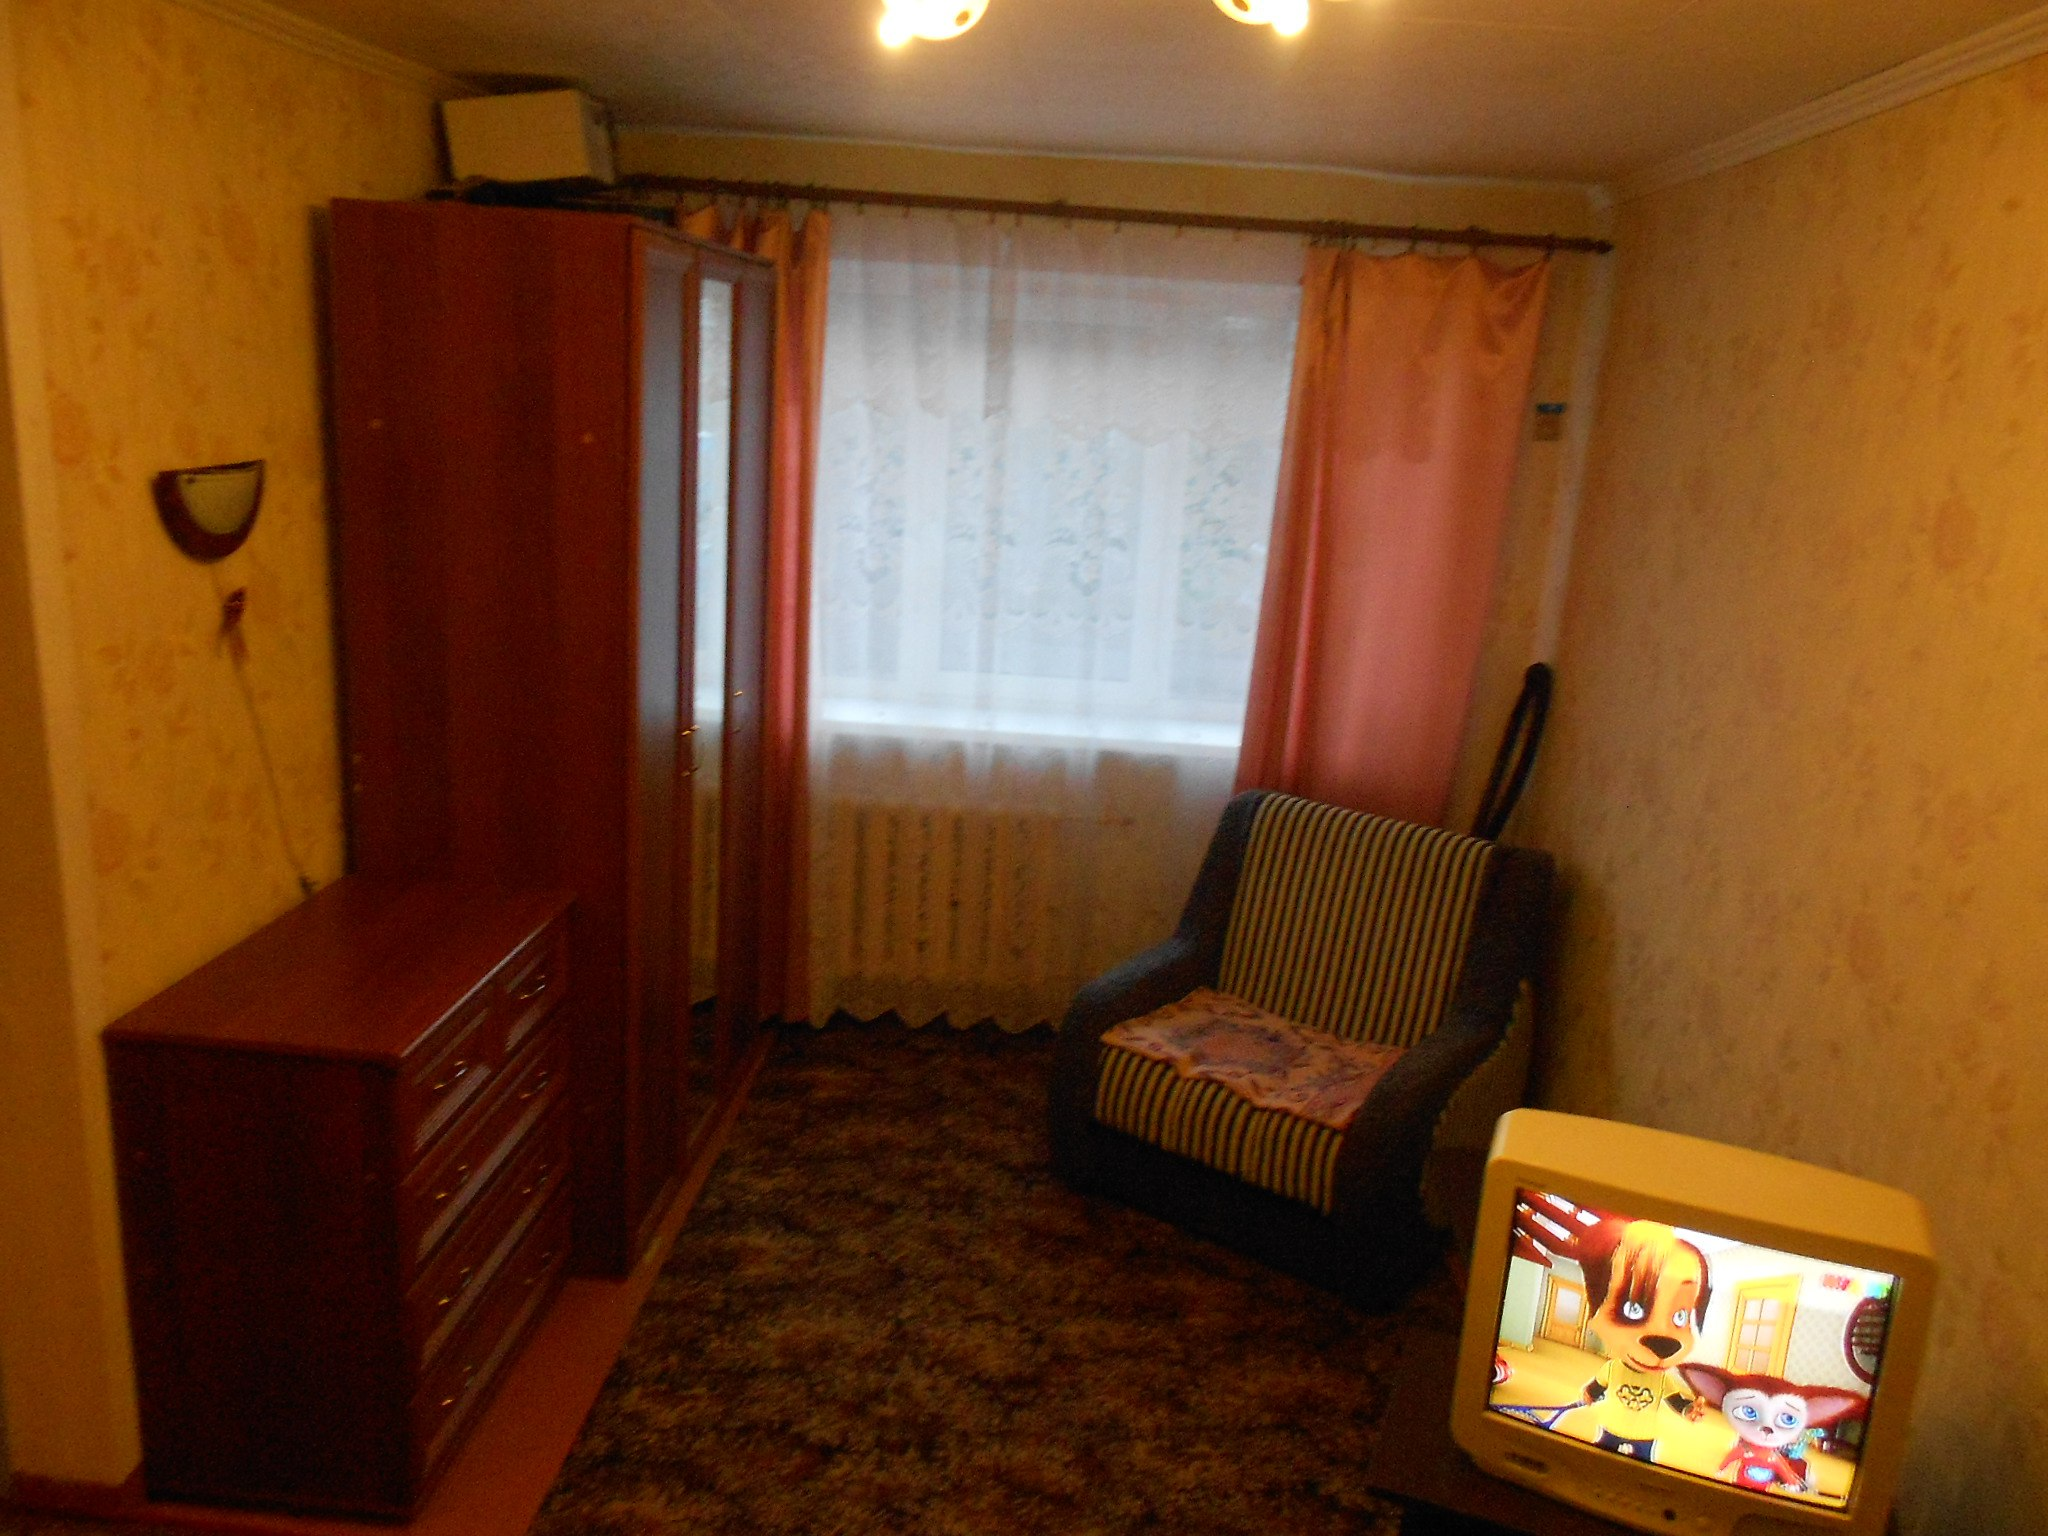 Интернет в Рыбинске  Домашний интернет от провайдера Ател